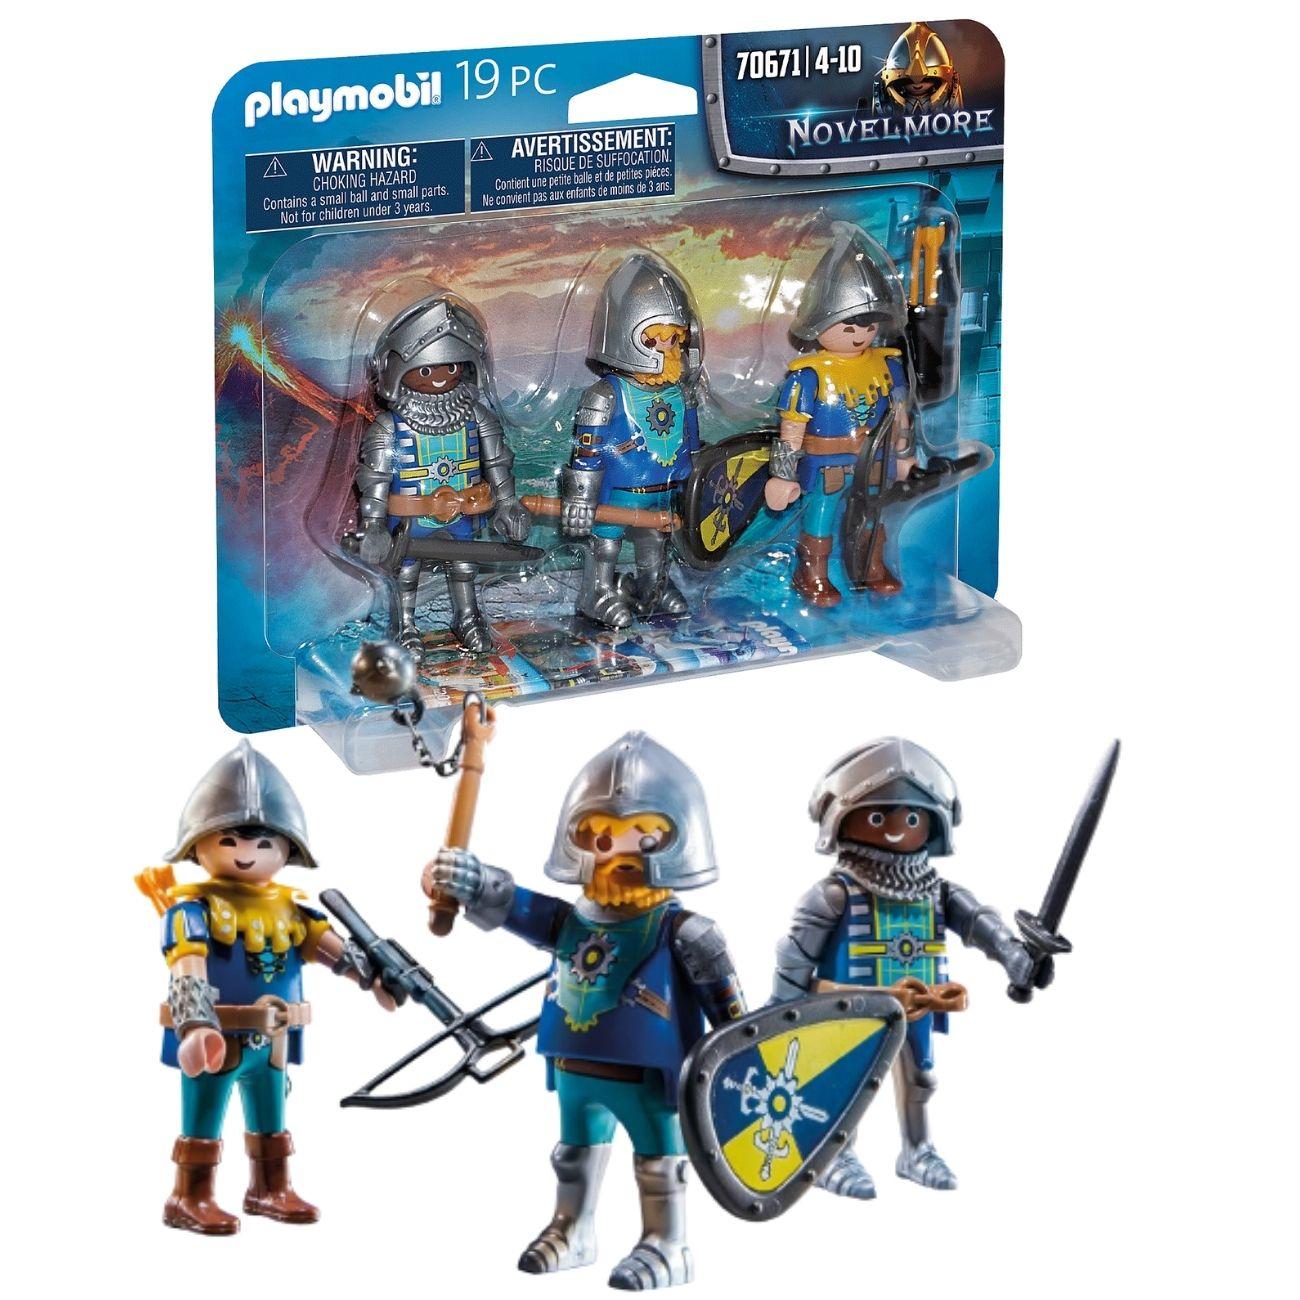 Playmobil - Pack 3 Figuras Cavaleiros Novelmore - 70671